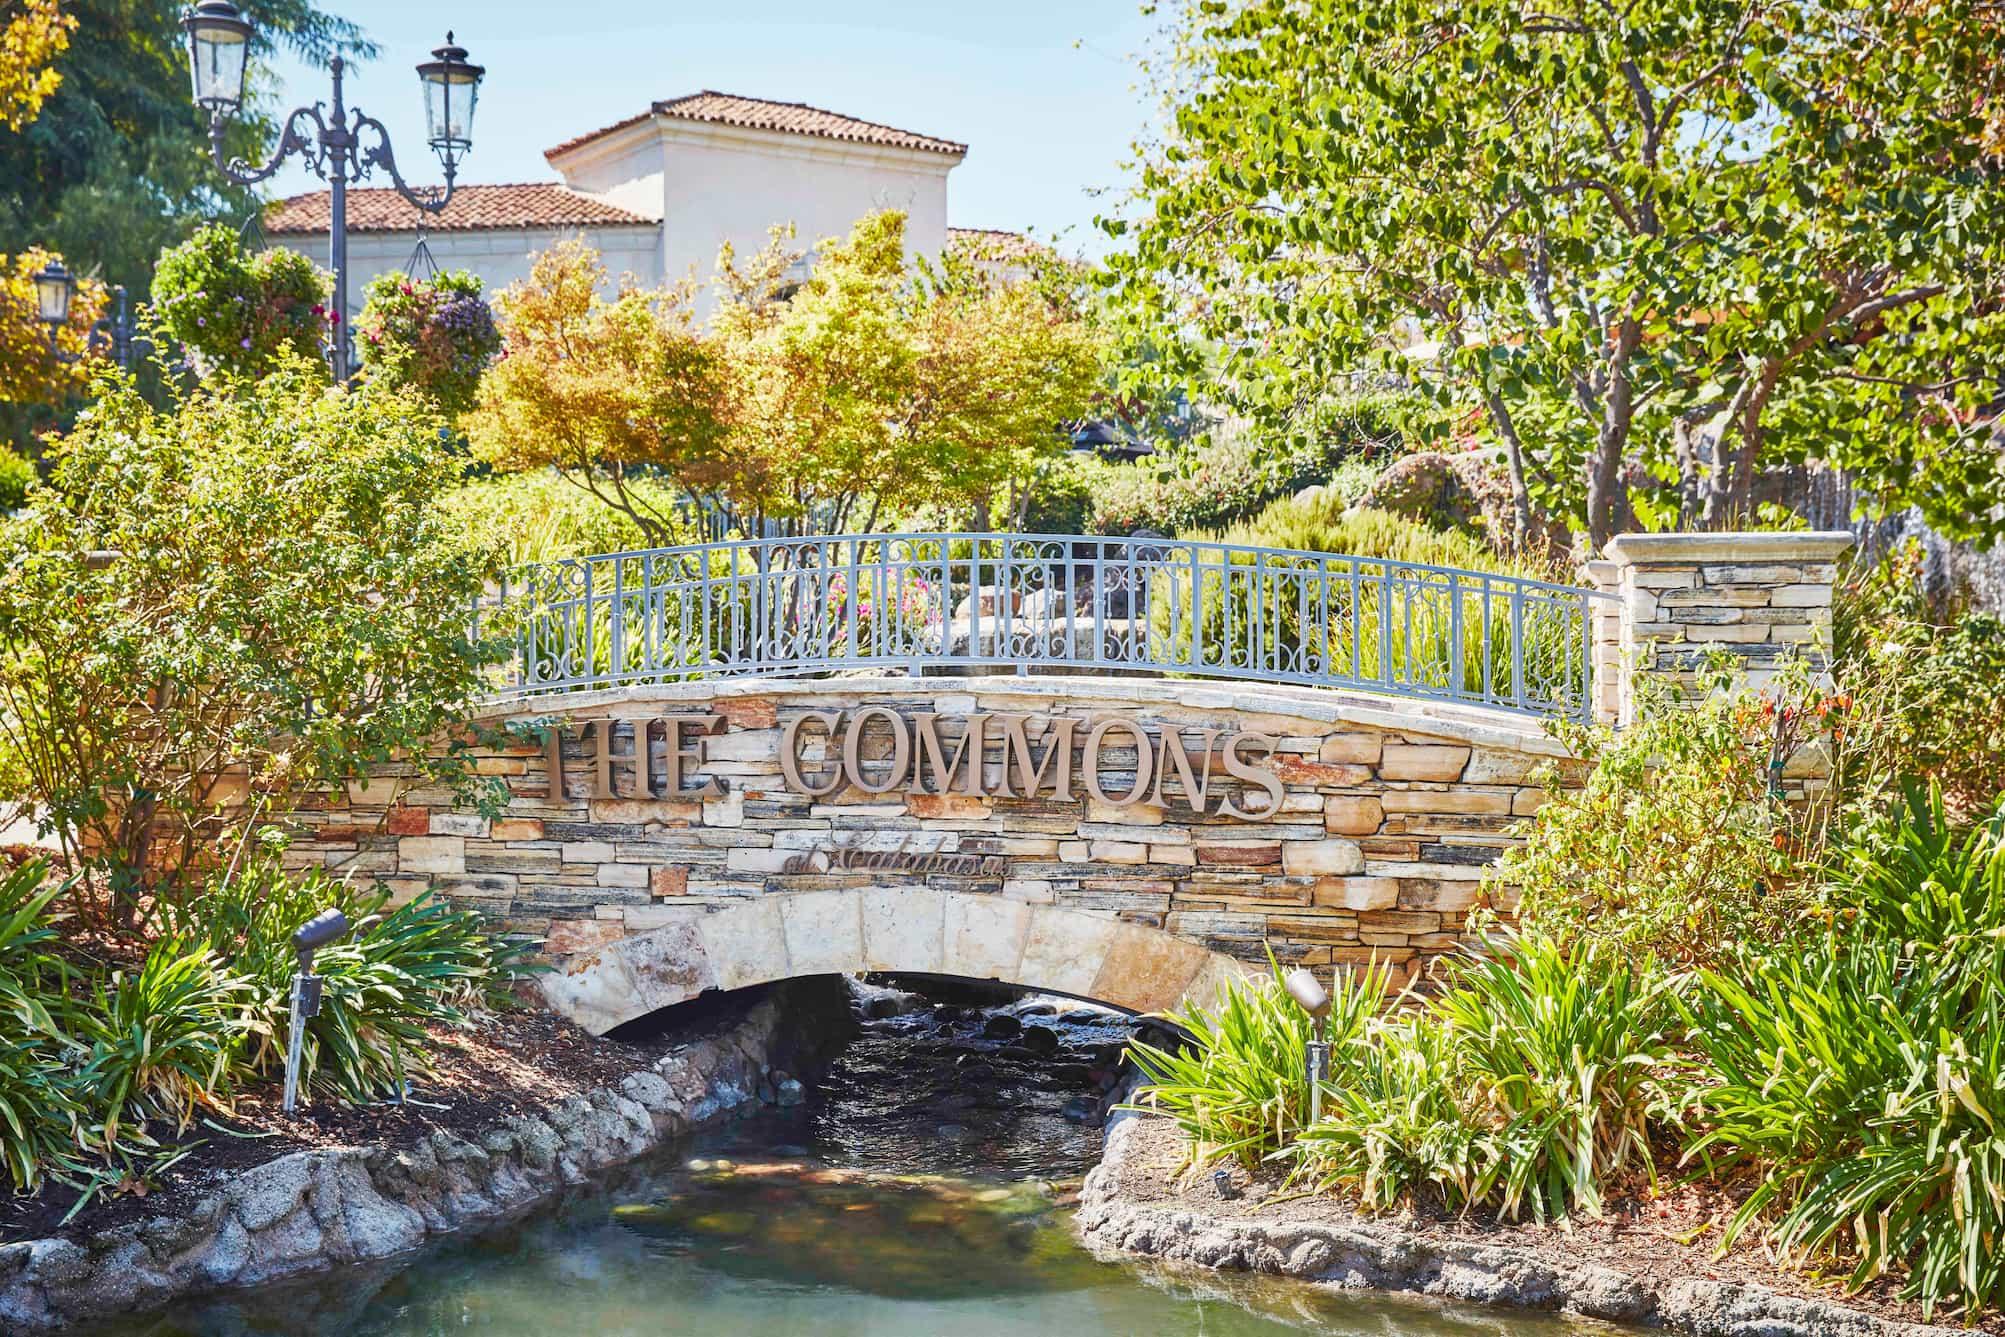 water running under stone bridge in a parc